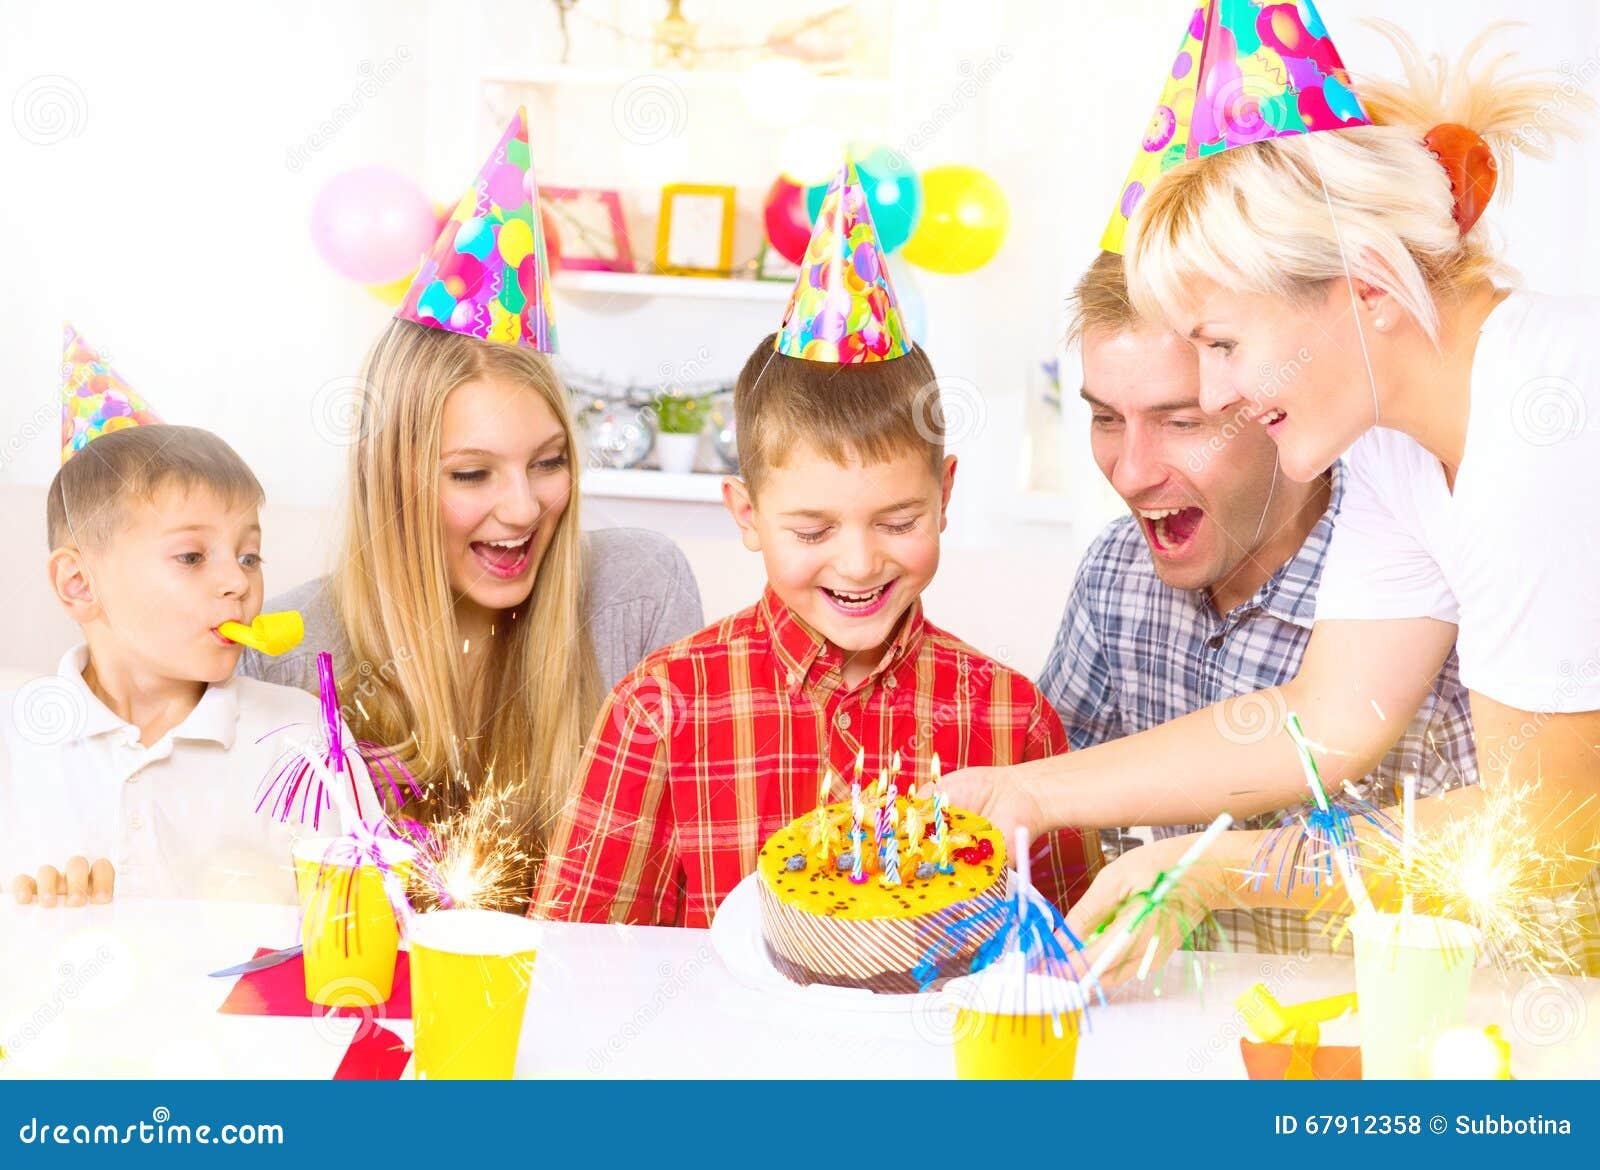 Cumpleaños El niño pequeño sopla hacia fuera velas en la torta de cumpleaños